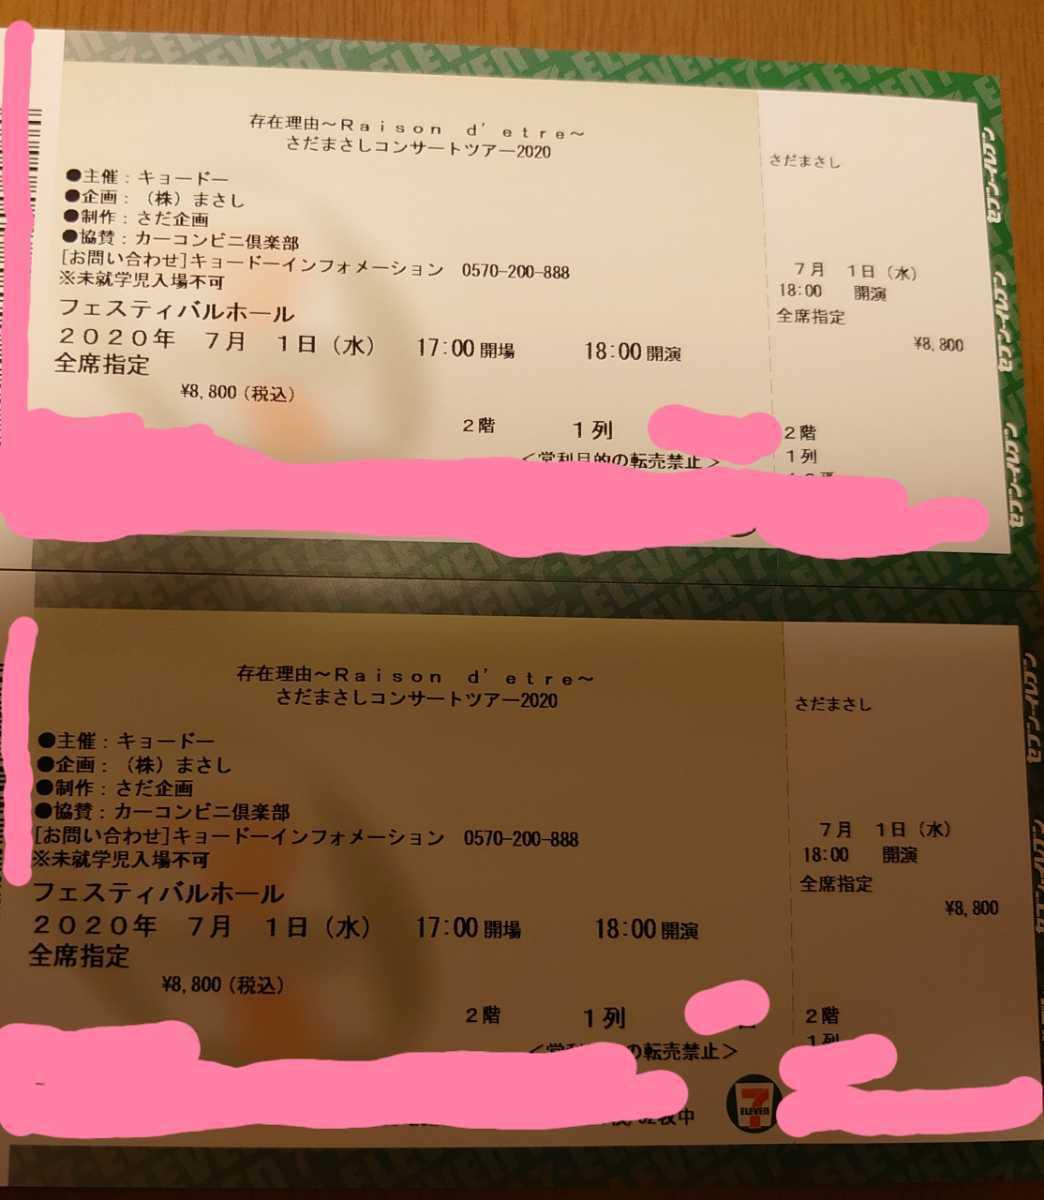 さだまさしコンサートツアー2020「存在理由~Raison d'etre~」11/24(火)(7/1振替公演分)大阪フェスティバルホール 2階1列目 ペア_画像1